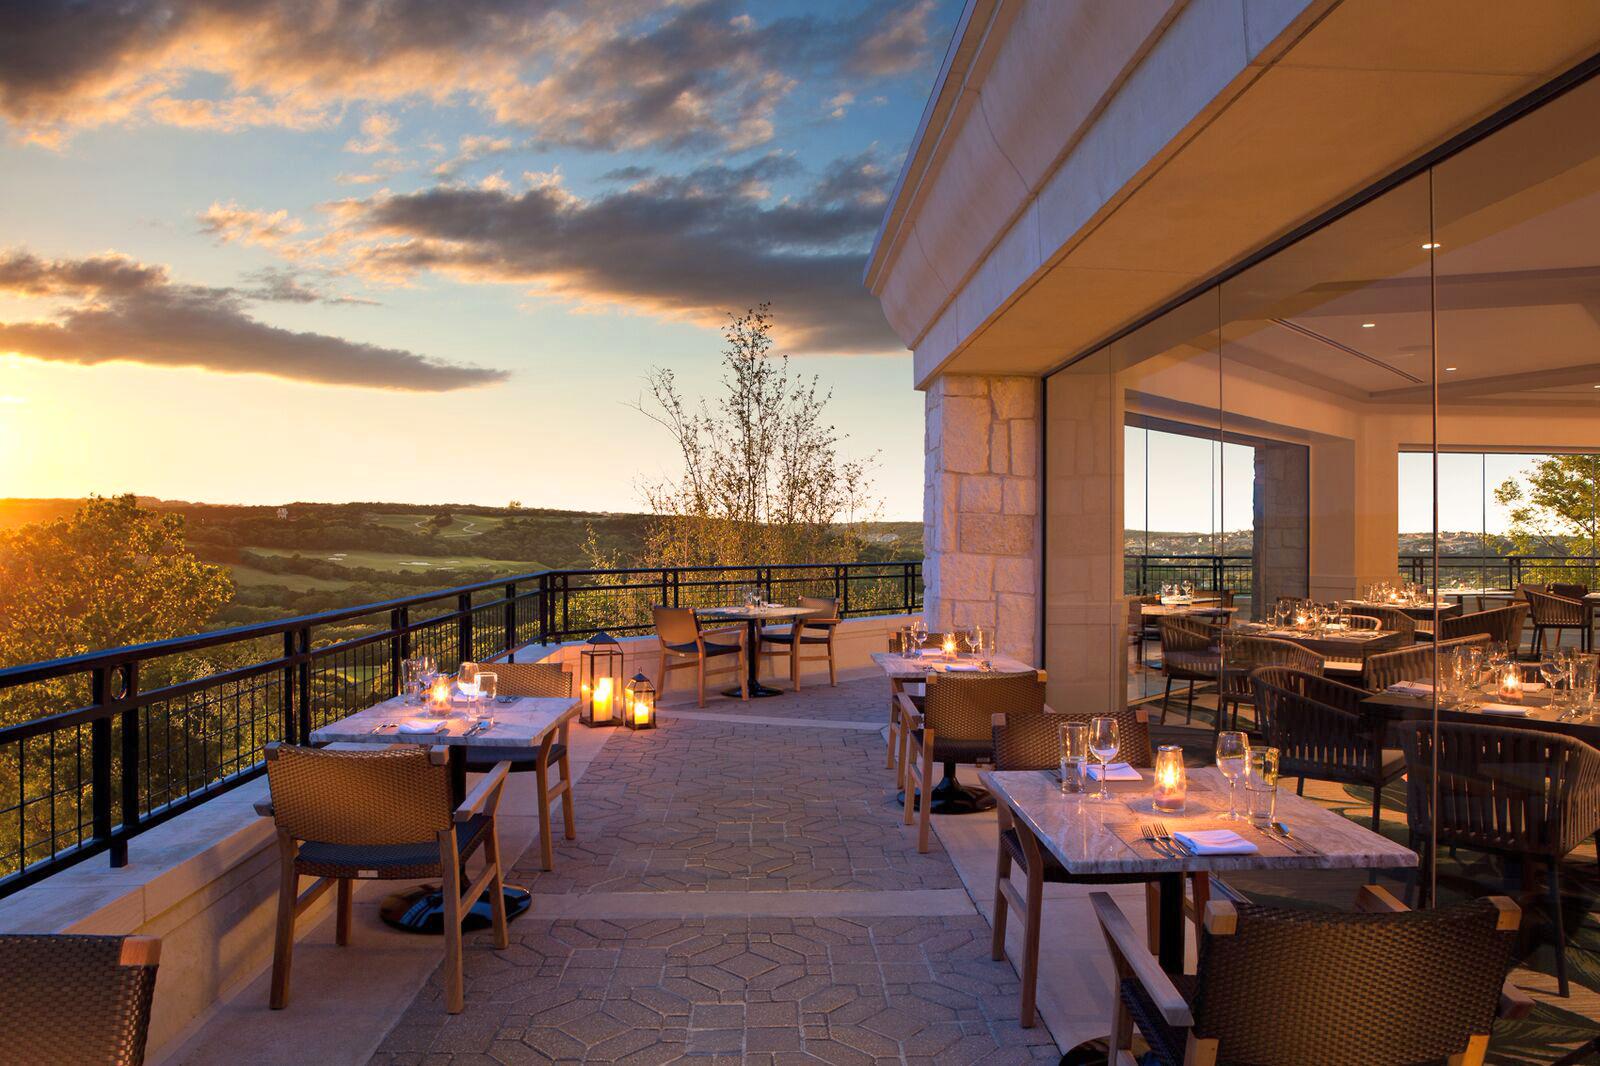 Hospitality La Cantera Resort